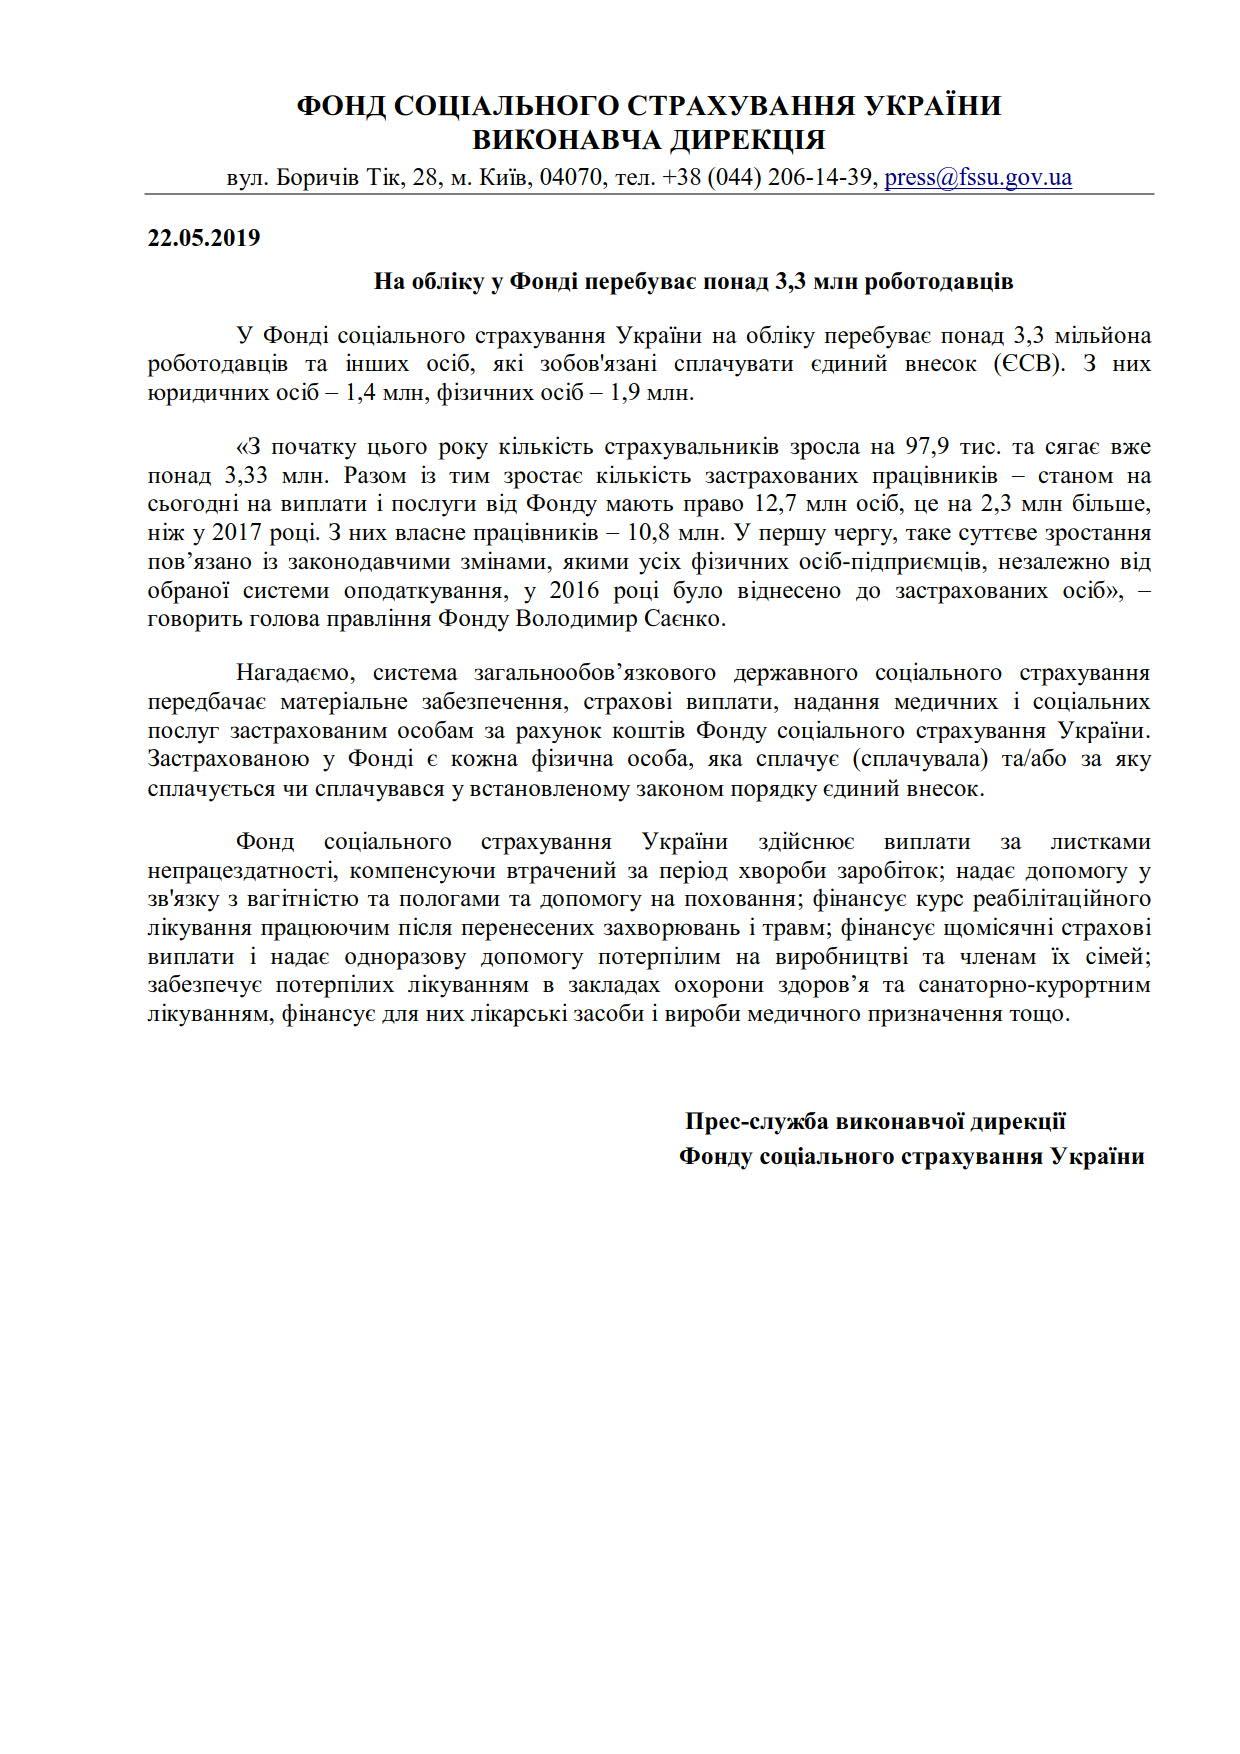 стаття на 29 05 ФССУ_збільшилась кількість страхувальників_1